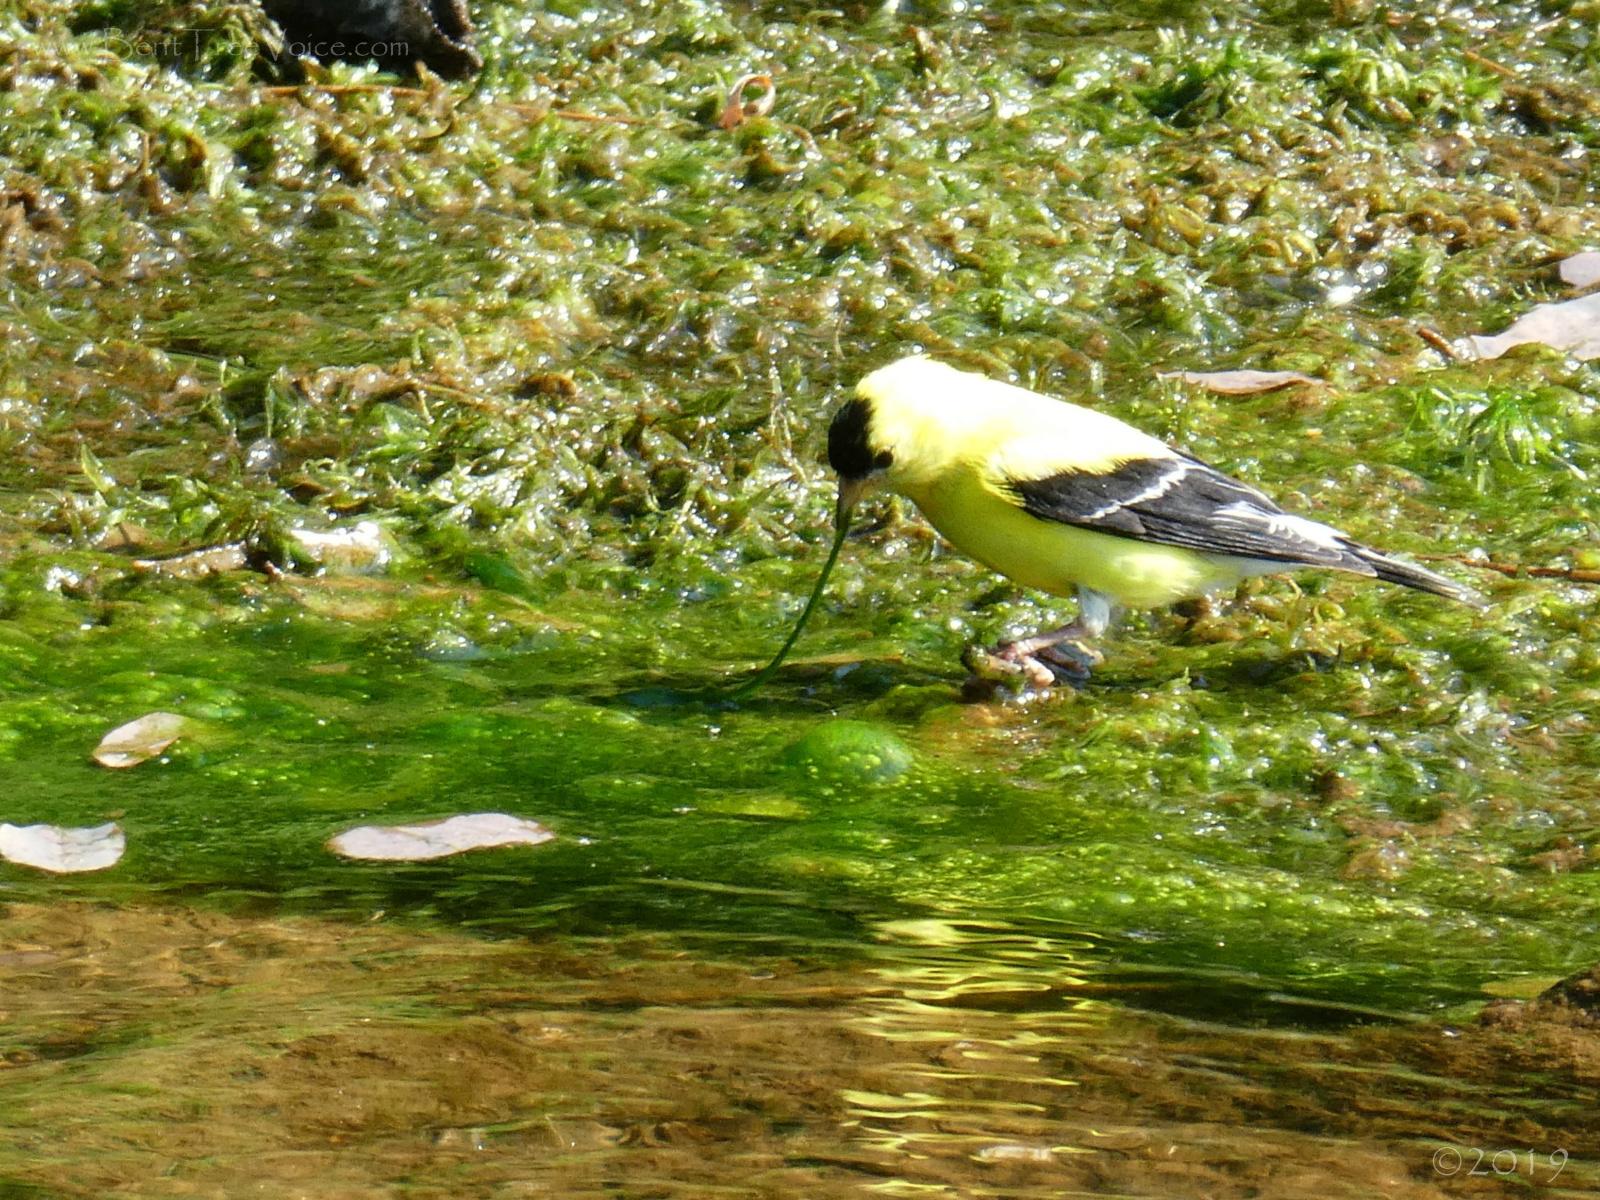 August 18, 2019 - Goldfinch slurping algae in Bent Tree